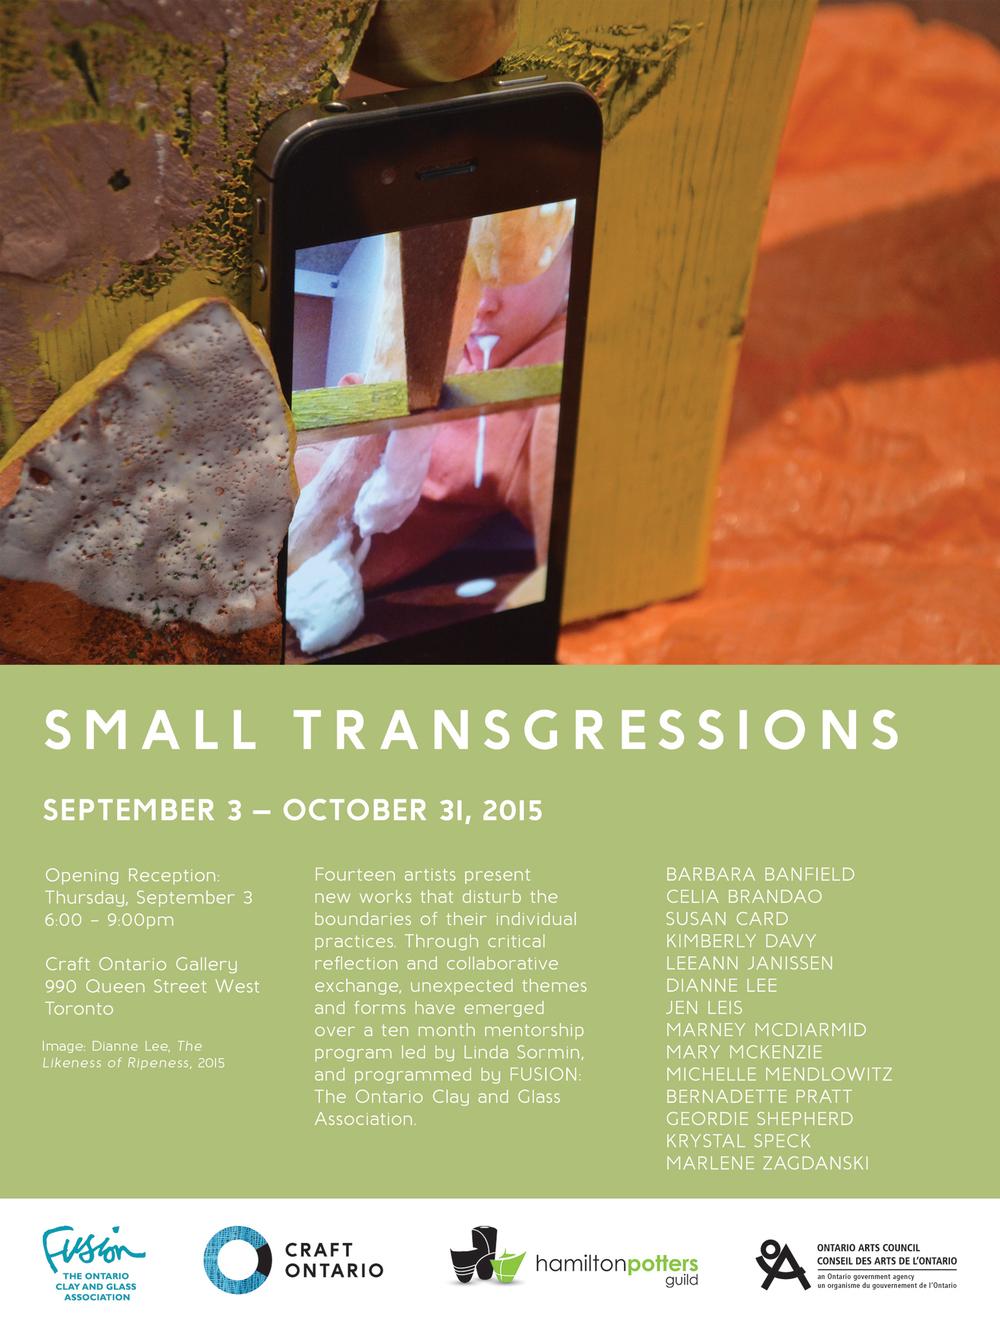 Small Transgressions at Craft Ontario